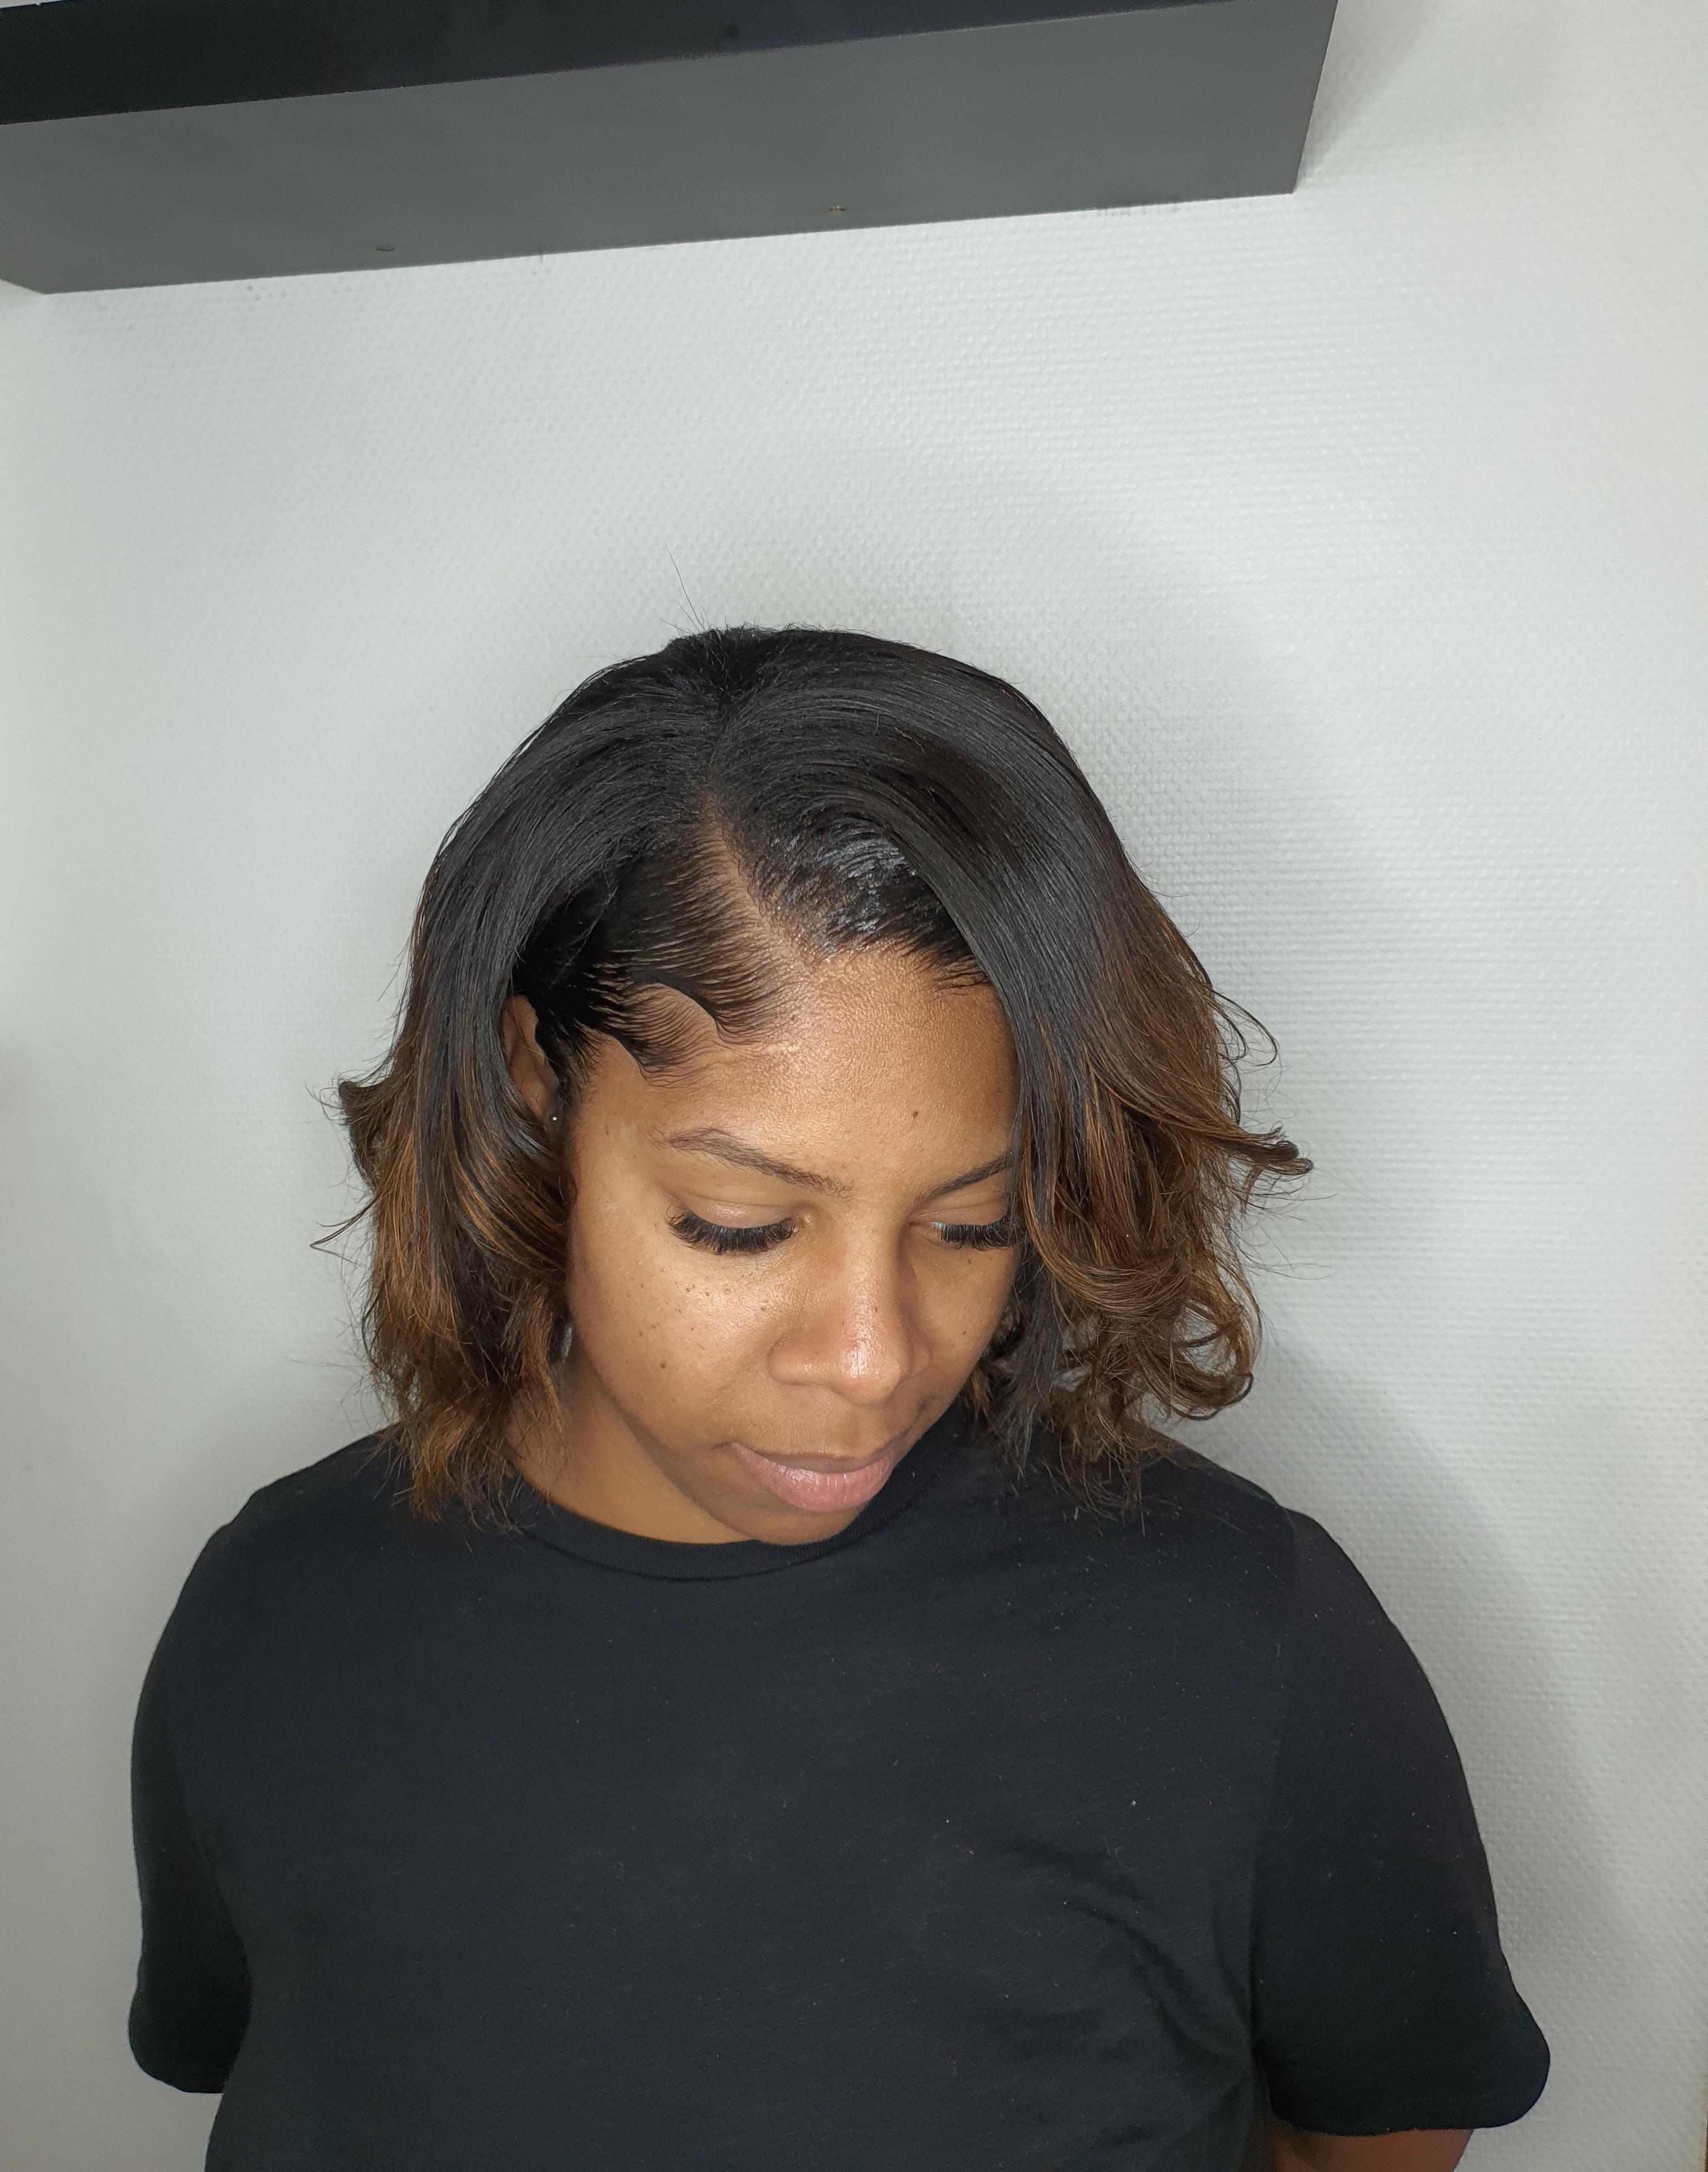 salon de coiffure afro tresse tresses box braids crochet braids vanilles tissages paris 75 77 78 91 92 93 94 95 IMDOXEOW